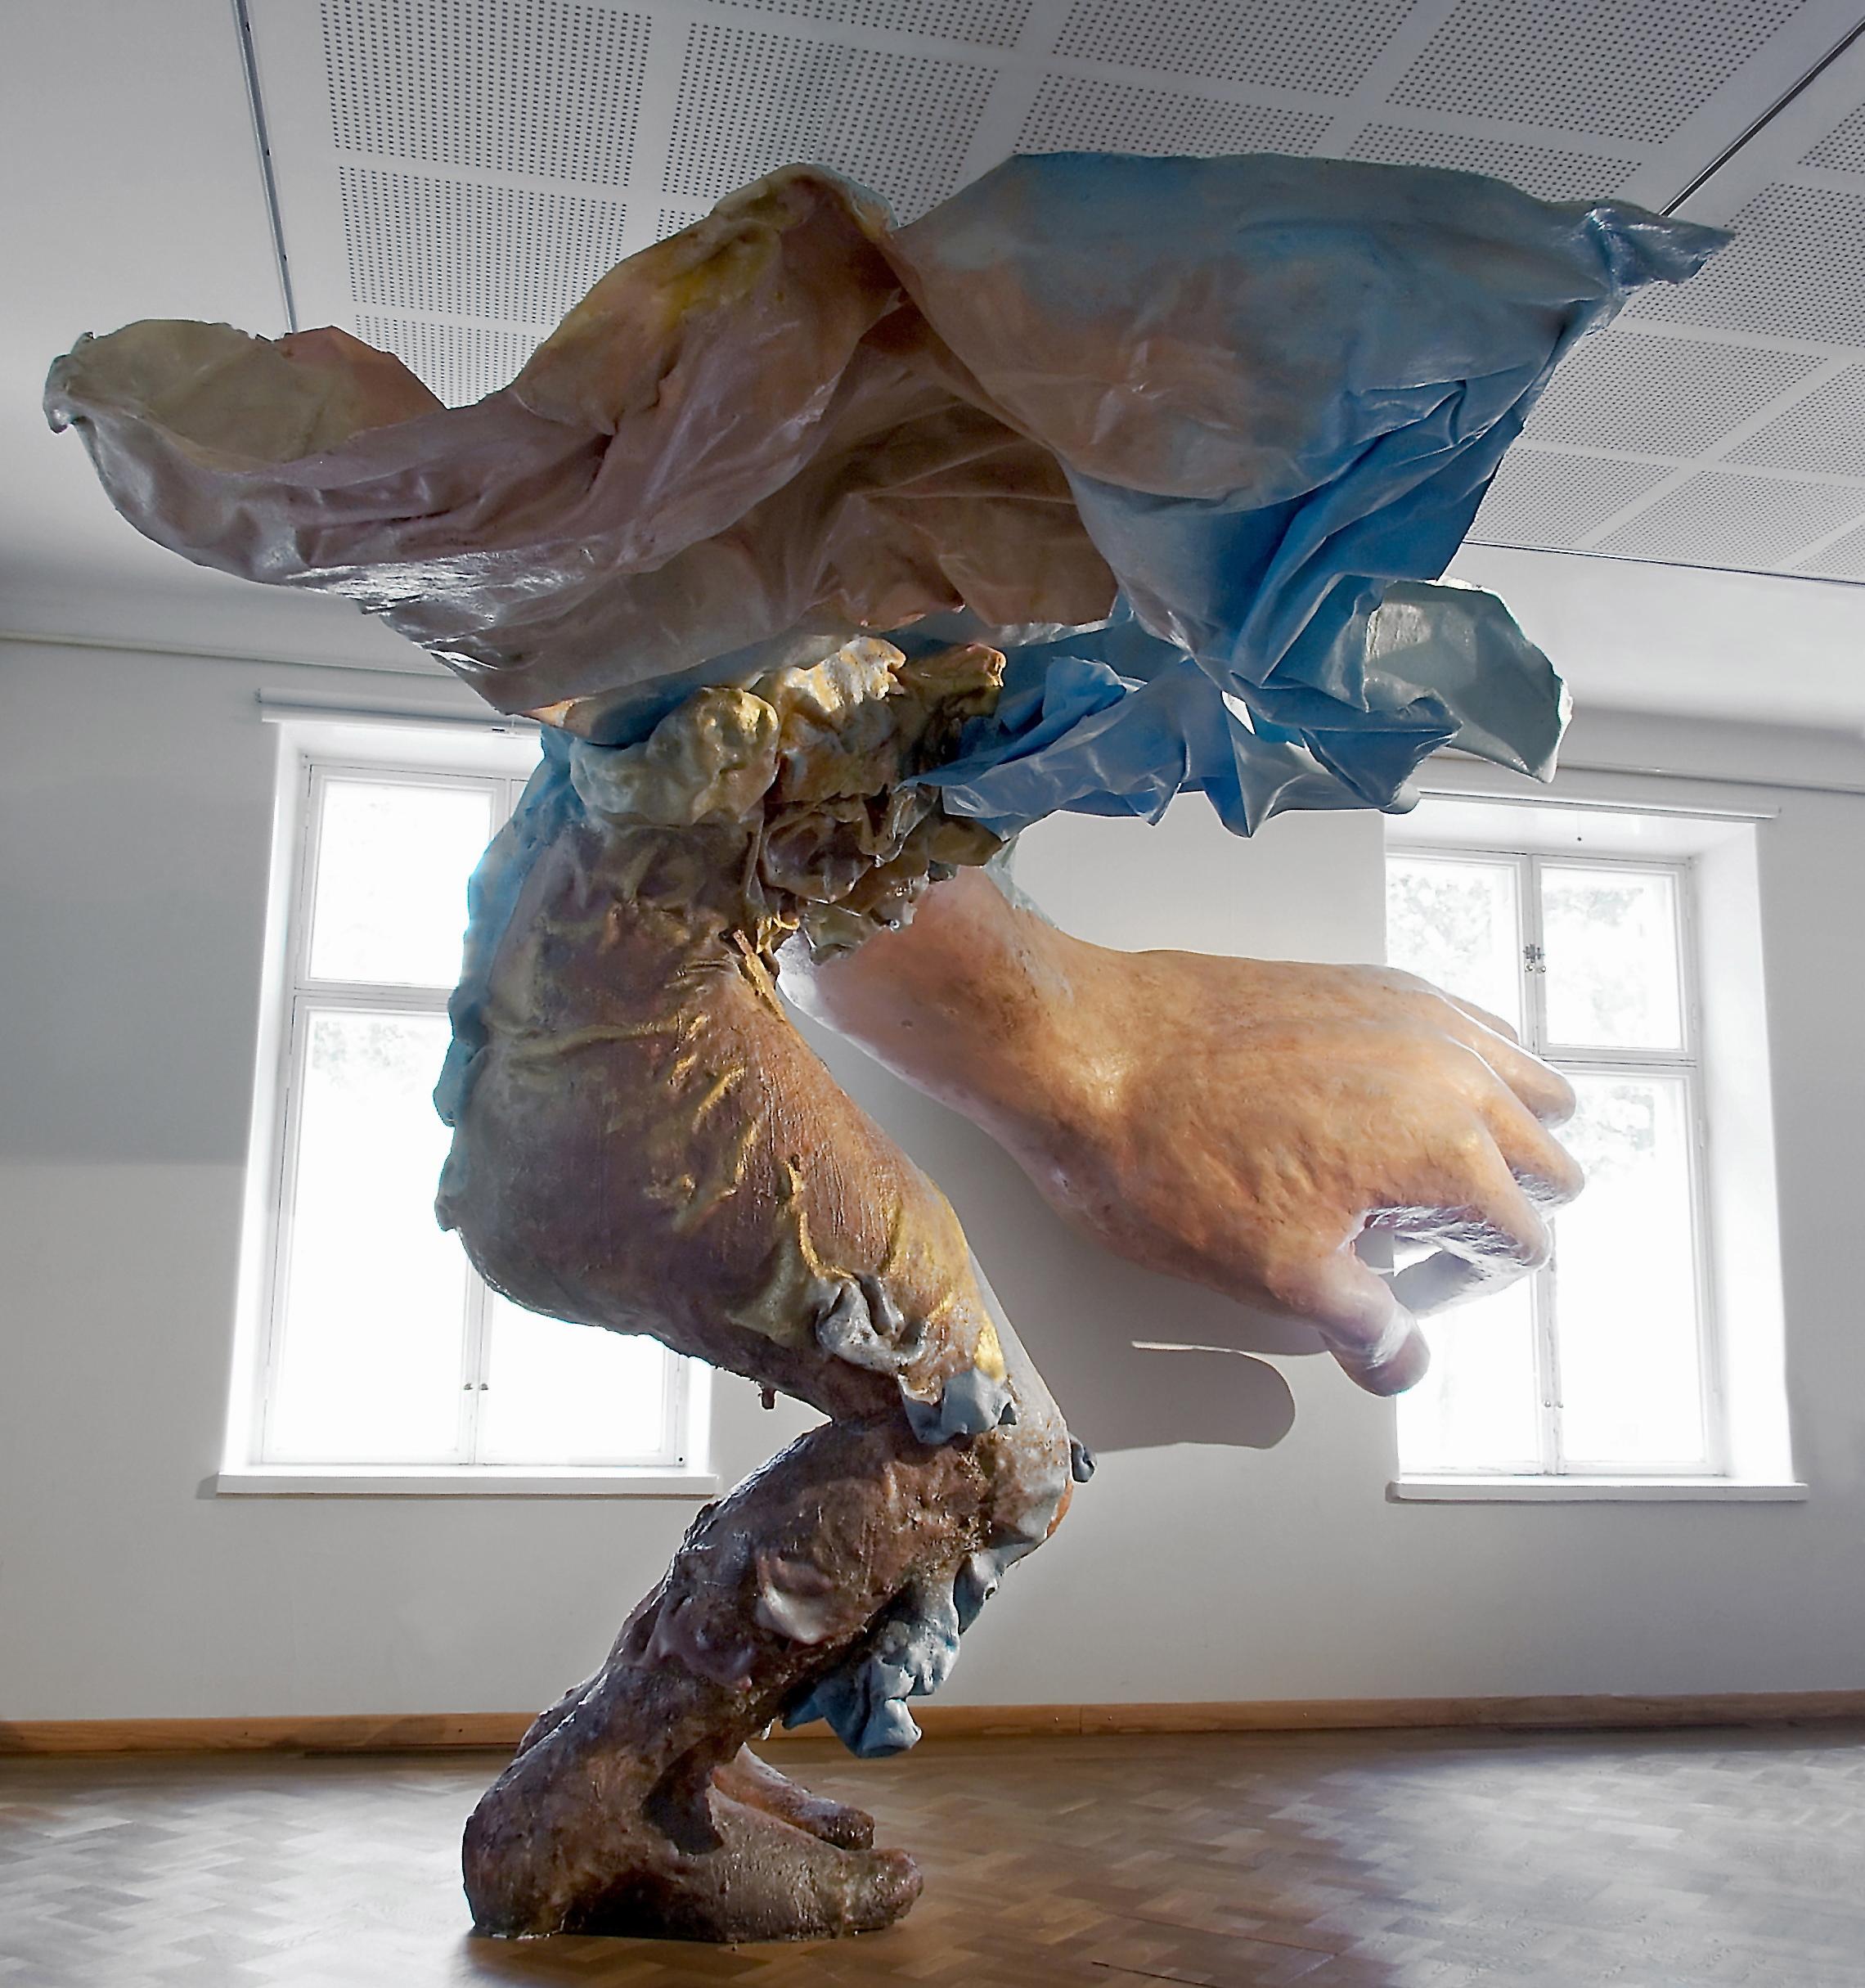 Paavo Paunu's sculpture